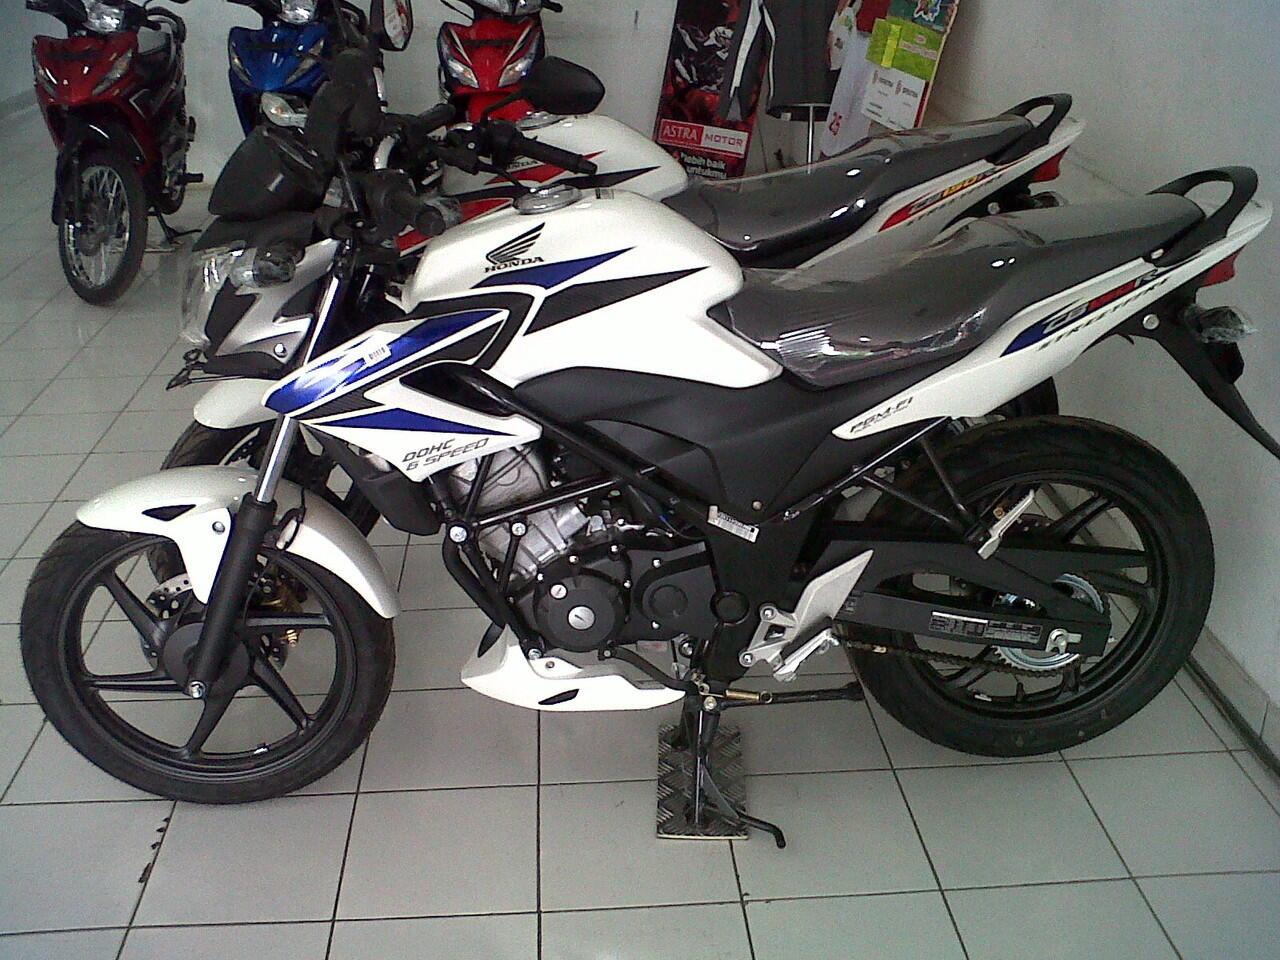 Terjual Jual Honda Beat Vario Verza Cb150 R Murah Di Banyumas All New Cbr 150r Racing Red Purwokerto Dan